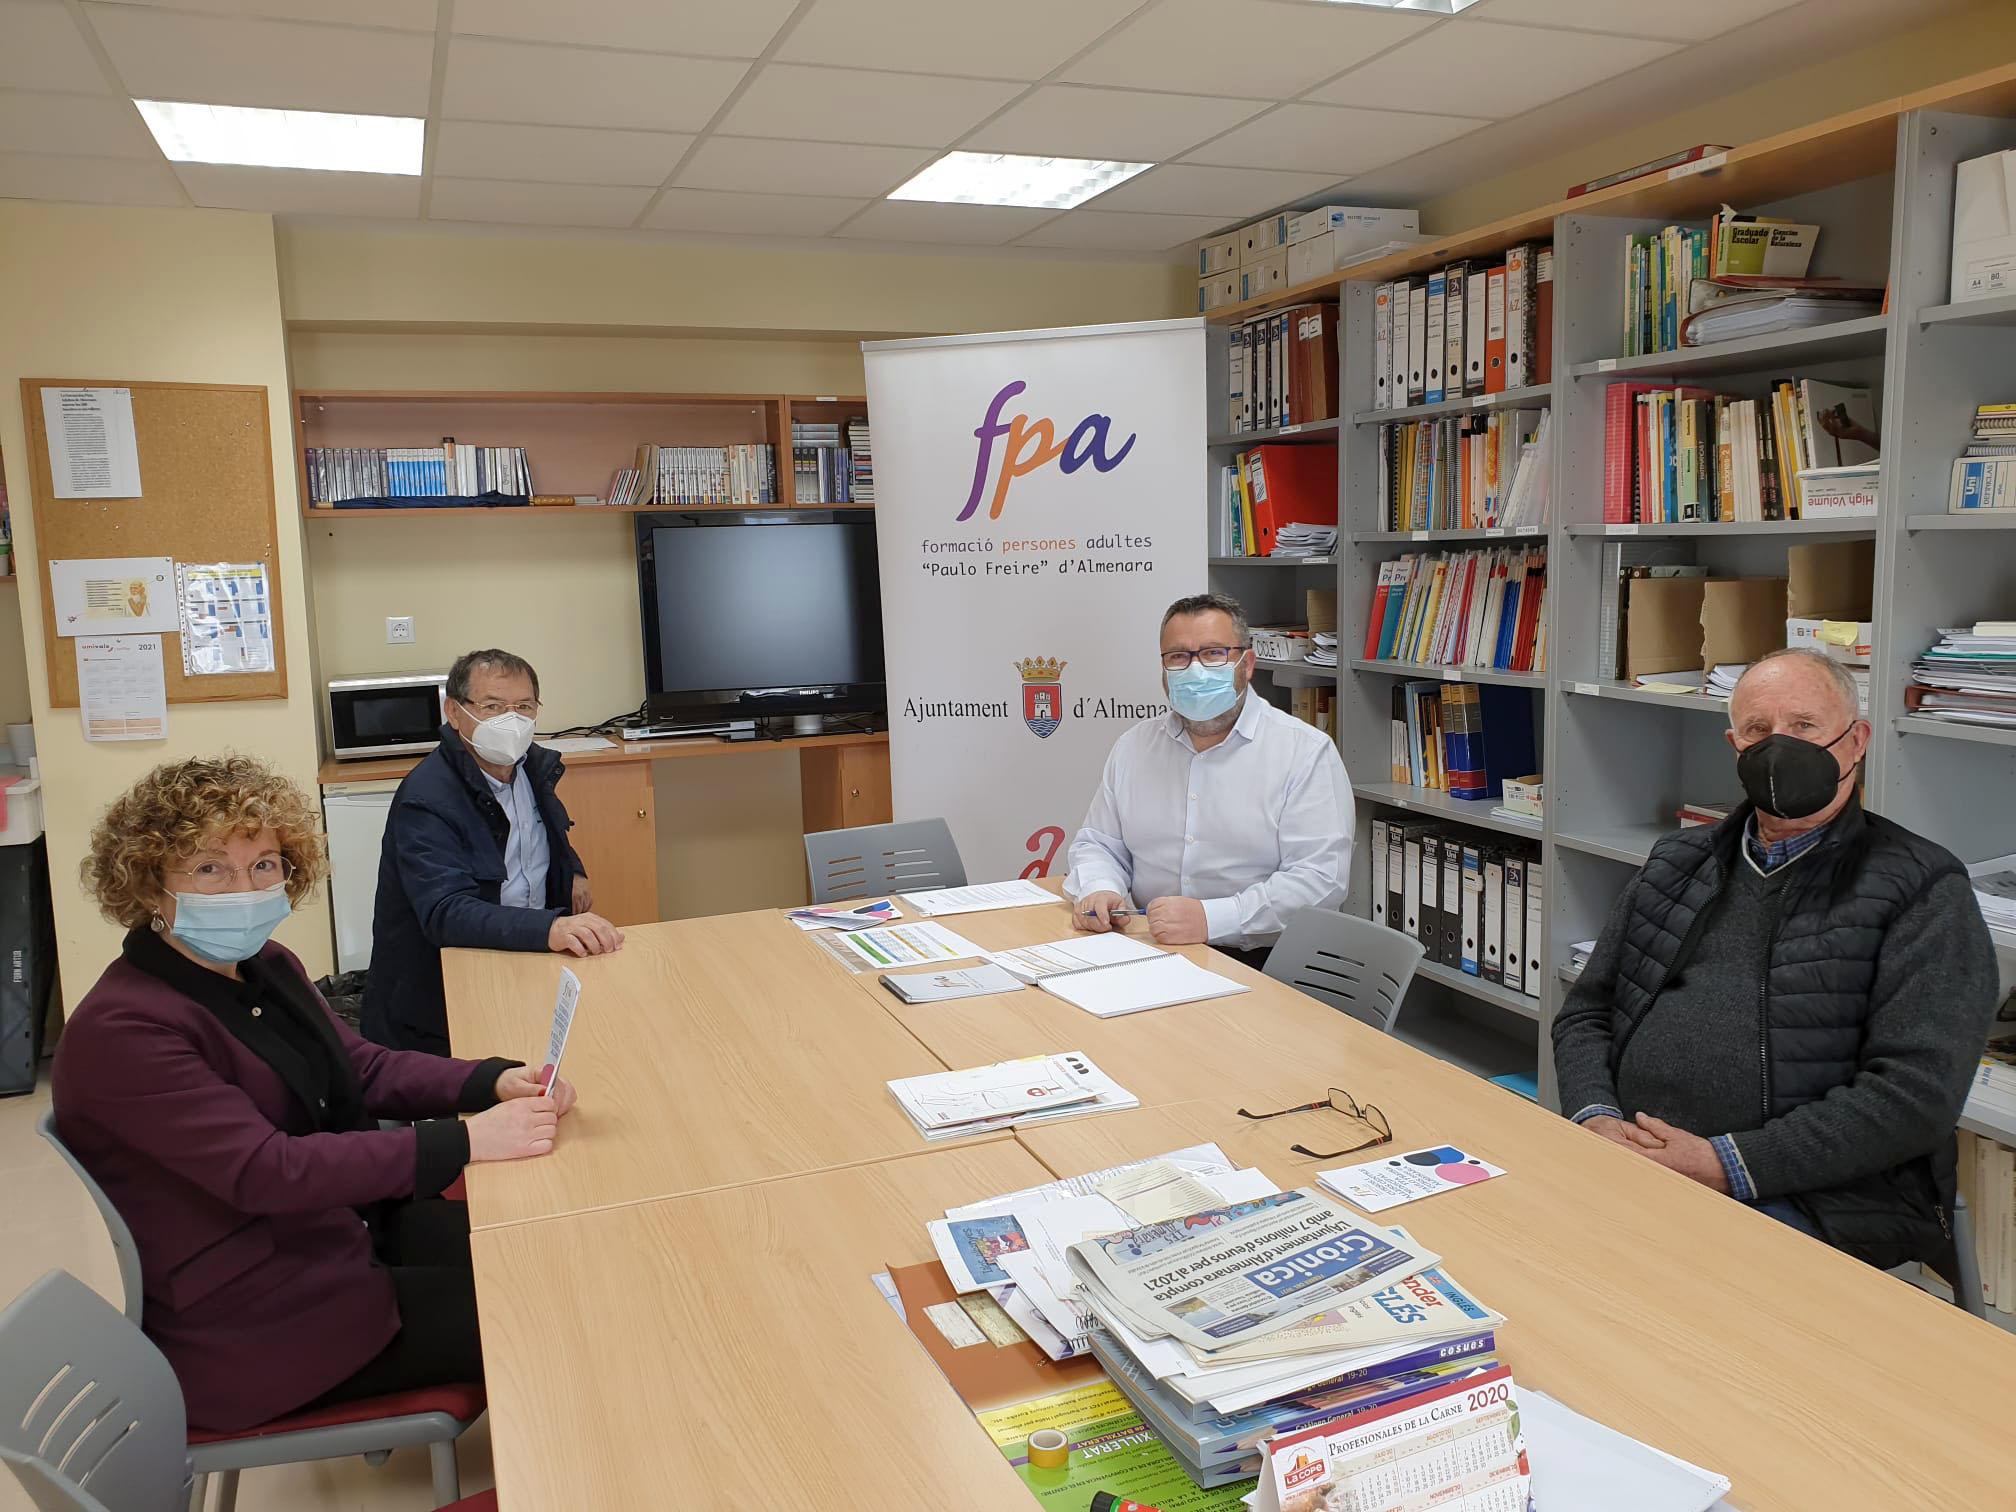 El Centre FP Paulo Freire recibe, como todos los años, el apoyo de Caixa Rural Almenara